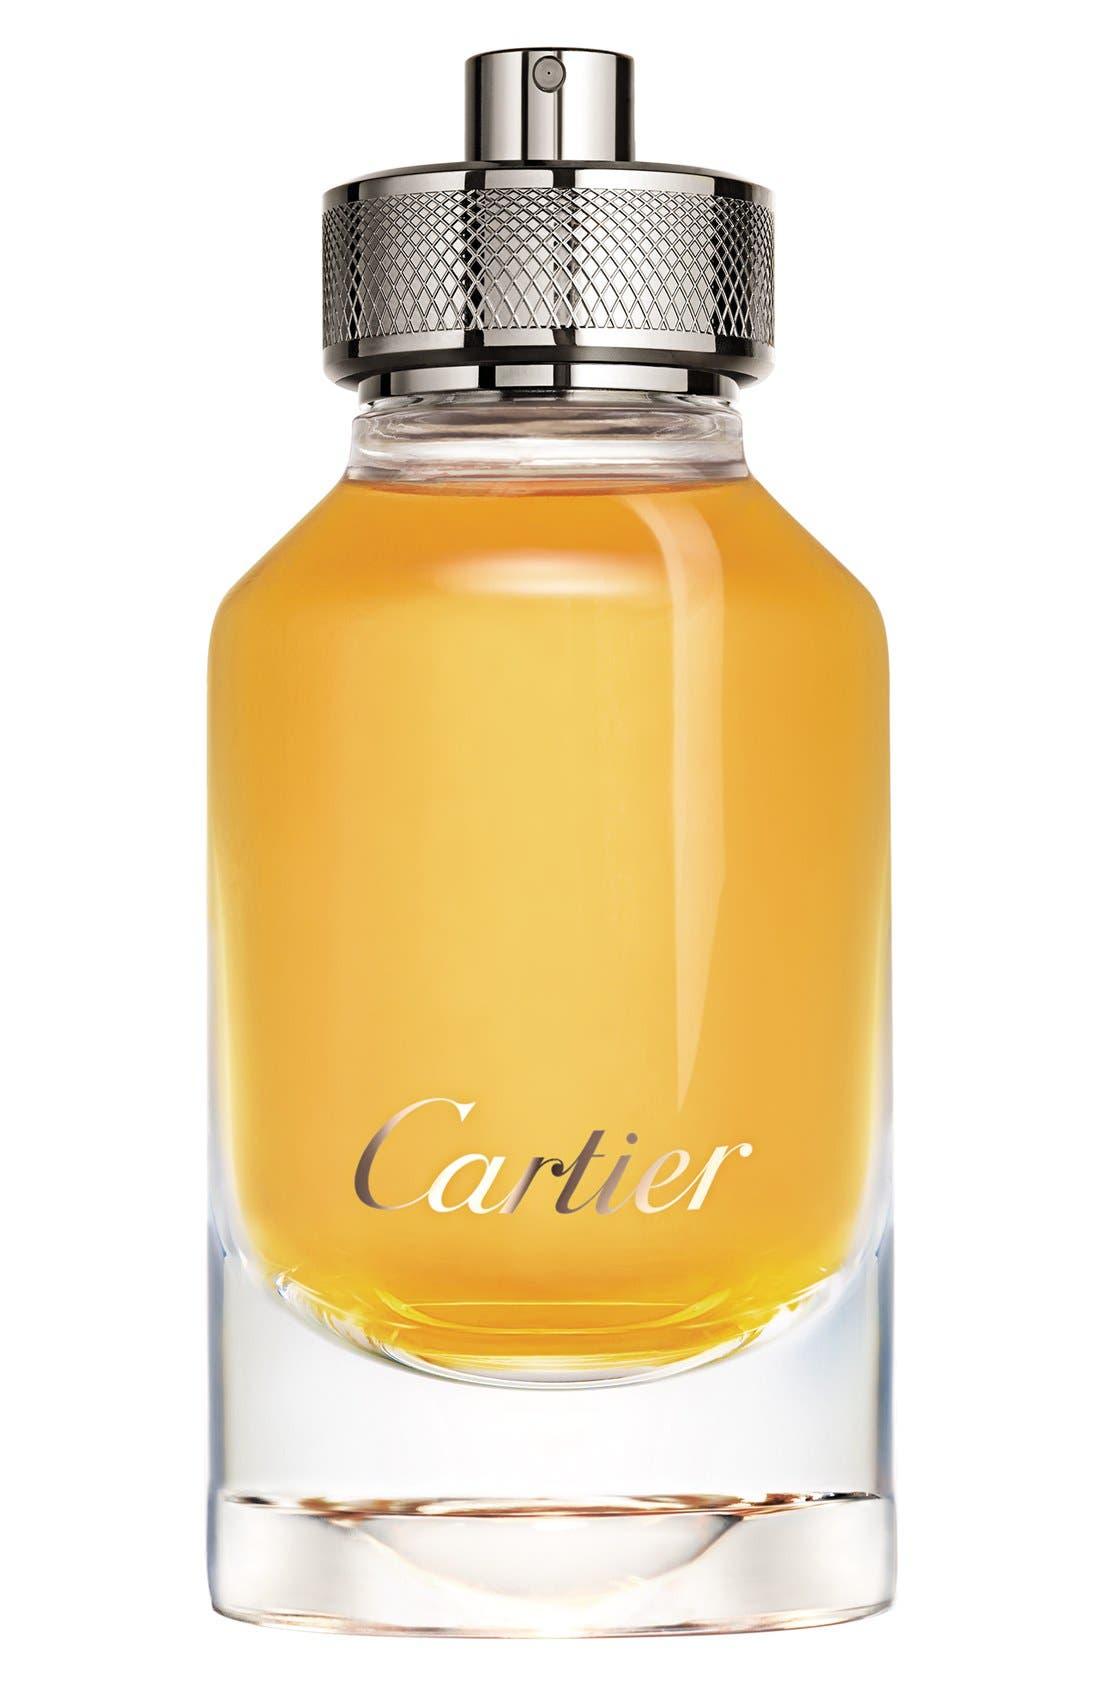 Cartier L'Envol de Cartier Eau de Parfum